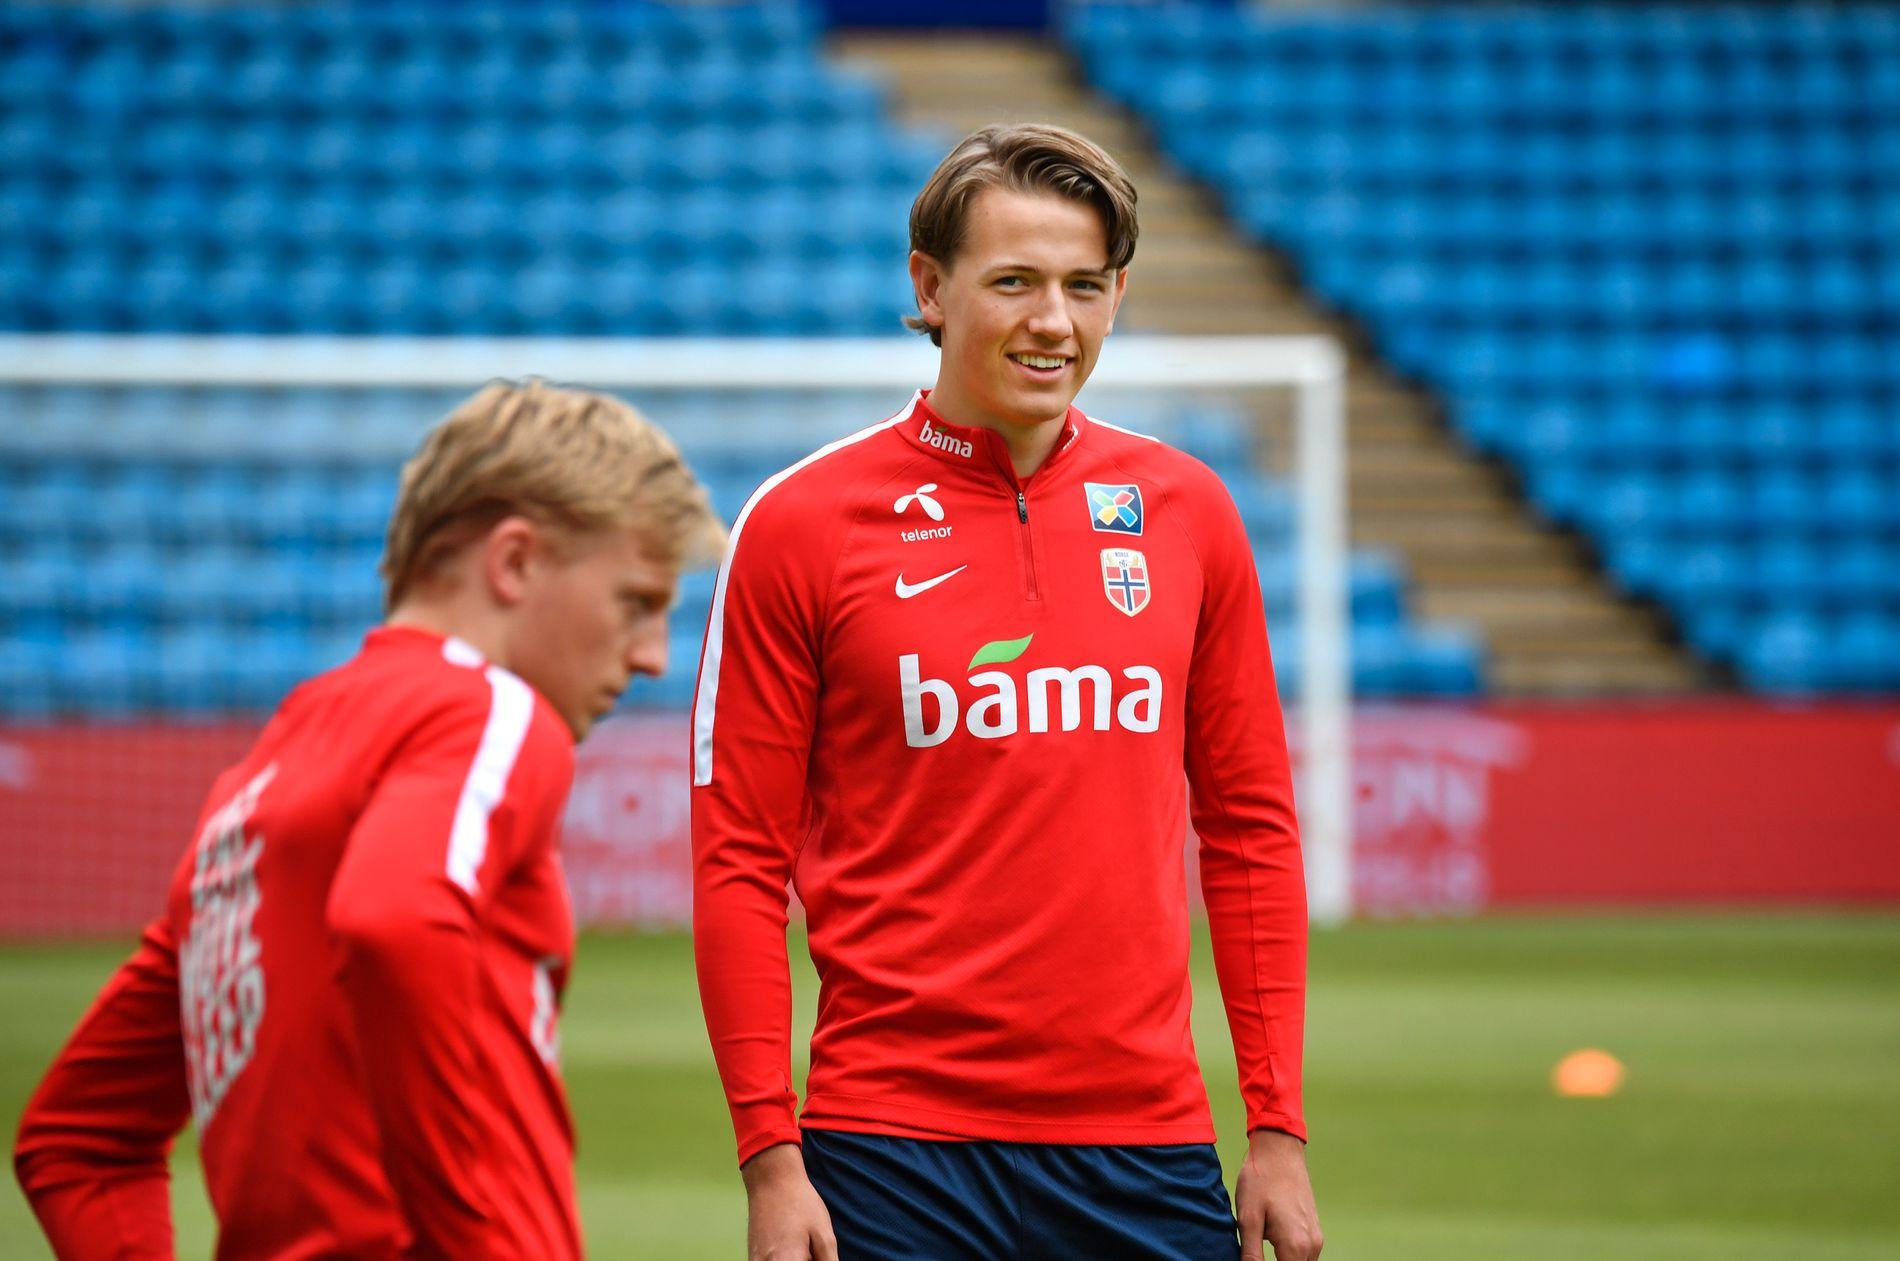 TAR EN SPANSK EN? Til tross for et syv måneder langt skadeavbrekk, er Sander Berge fortsatt like ettertraktet blant spanske toppklubber.